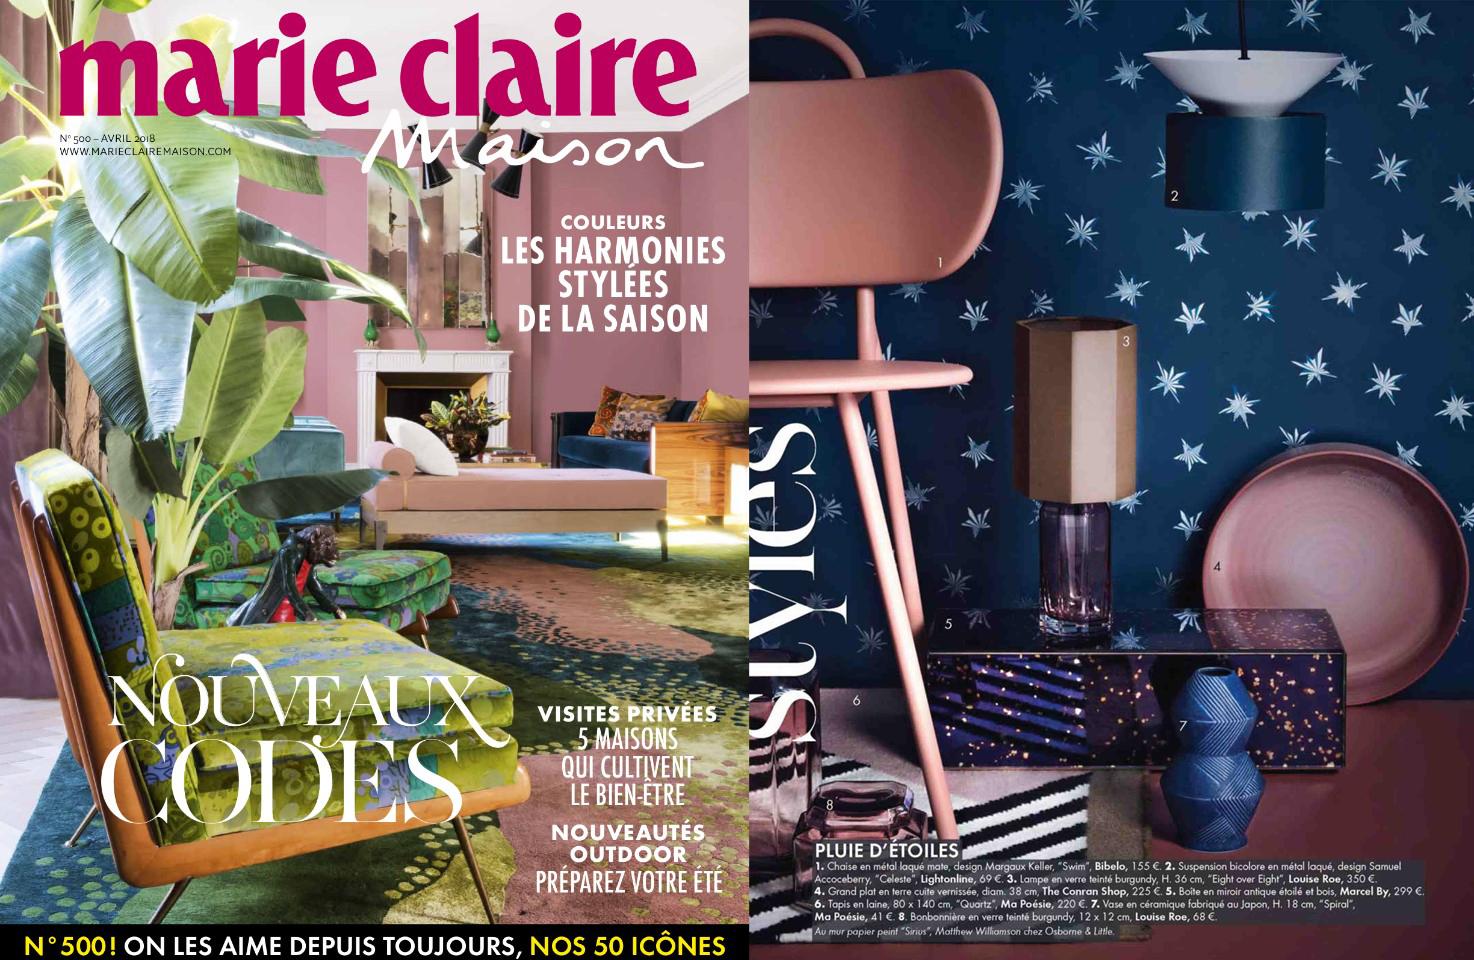 MARIE CLAIRE MAISON COUV AVRIL copie.jpg